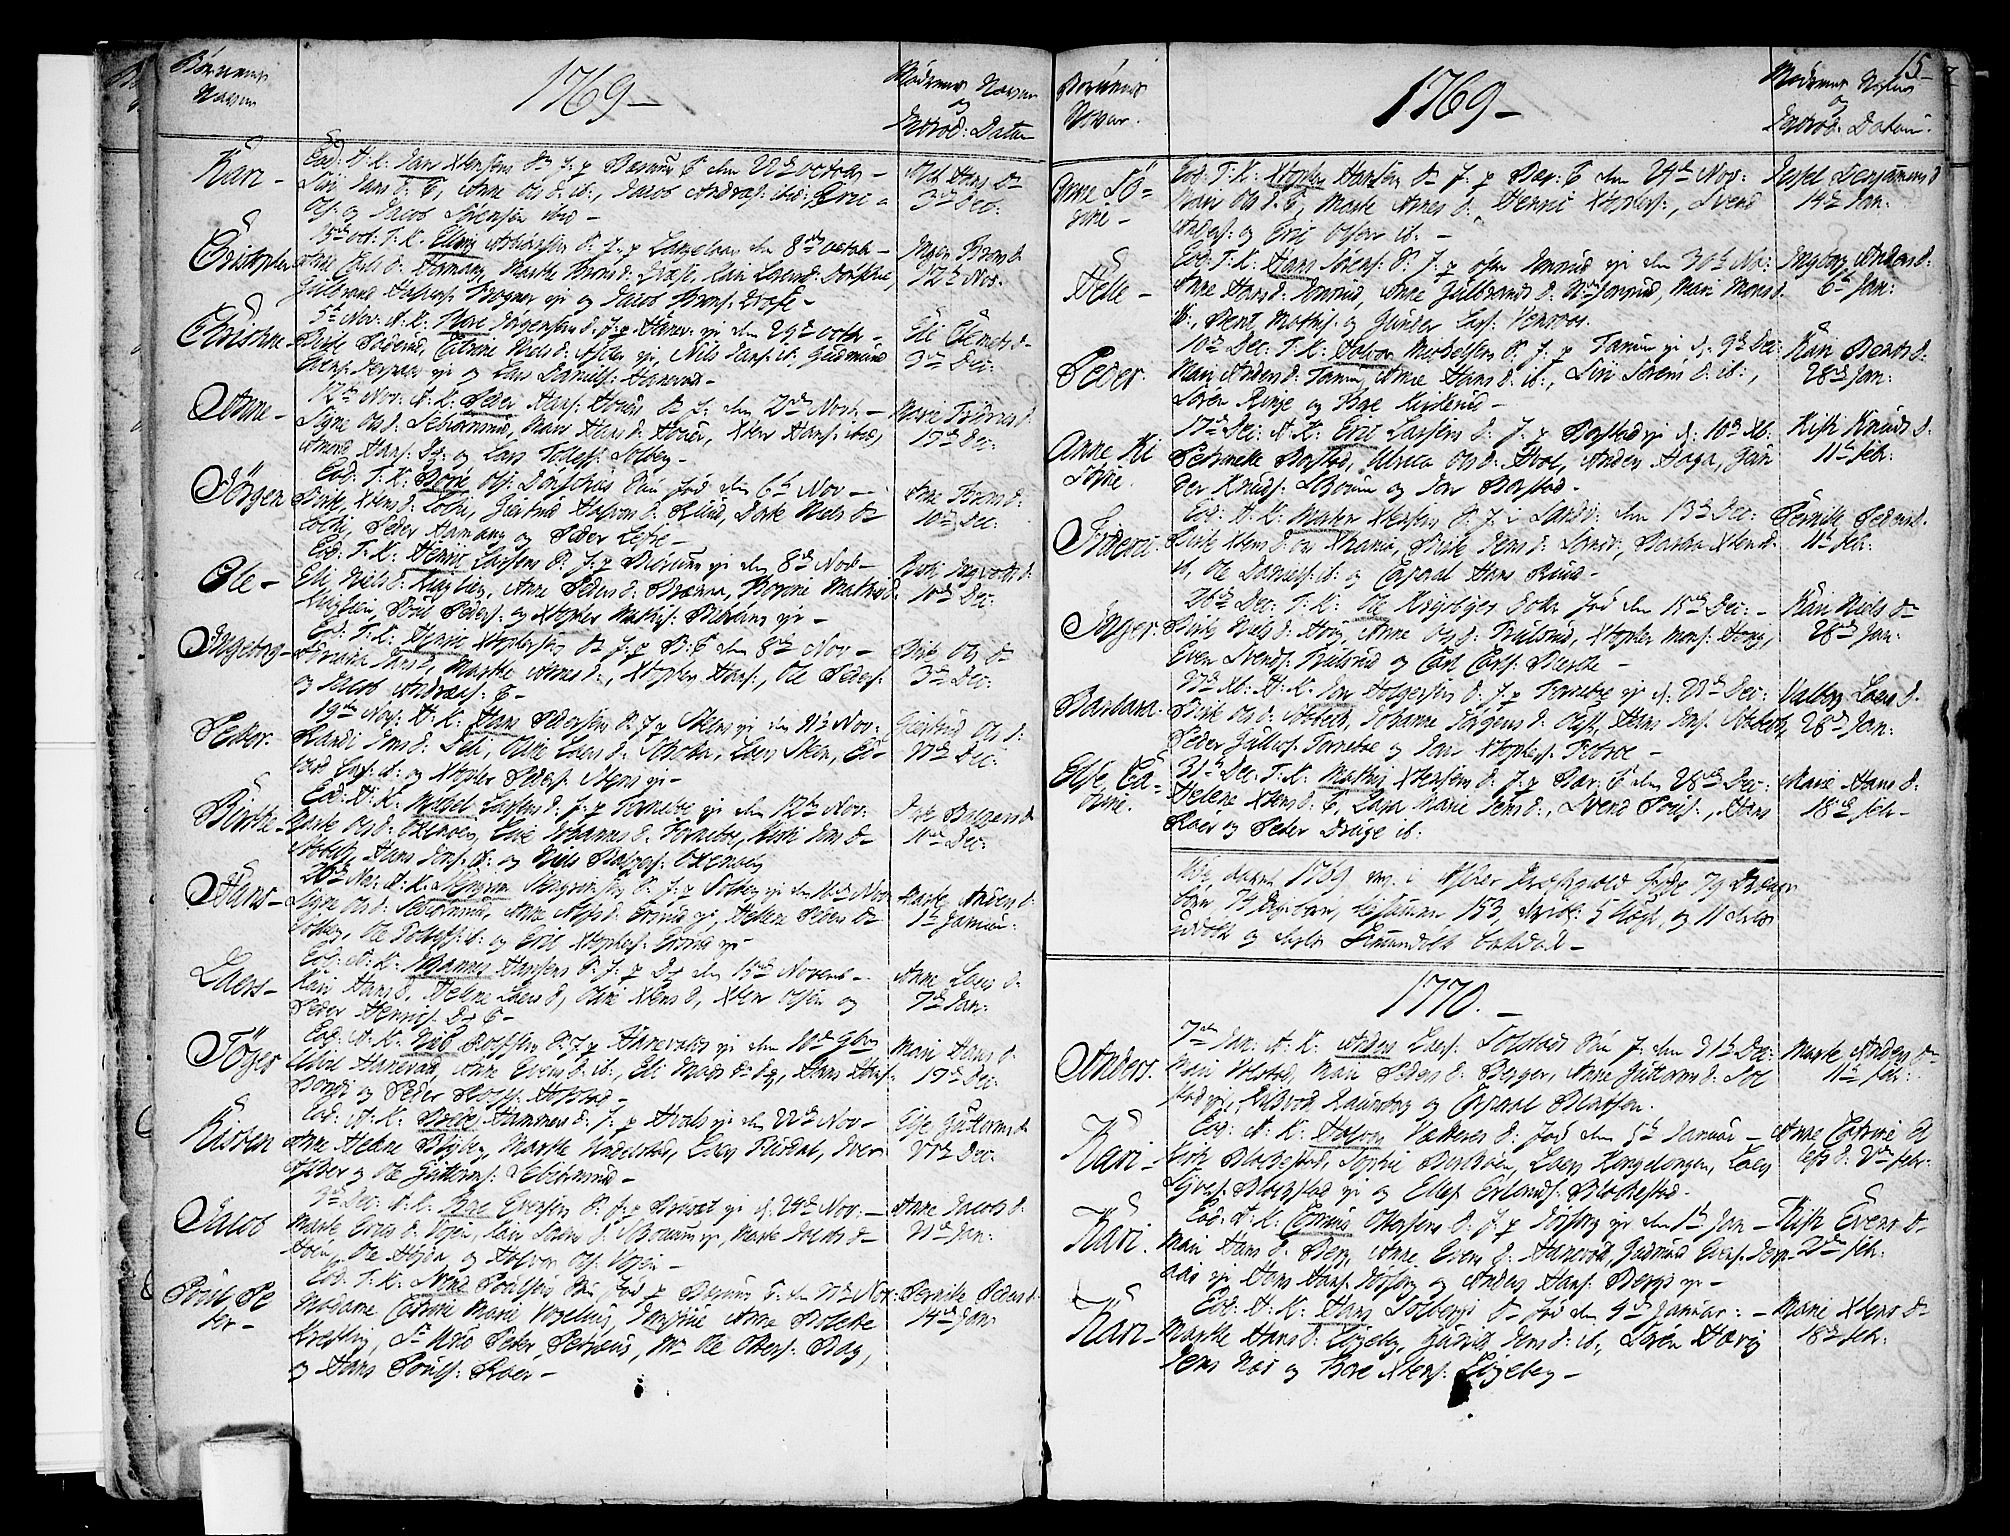 SAO, Asker prestekontor Kirkebøker, F/Fa/L0003: Ministerialbok nr. I 3, 1767-1807, s. 15